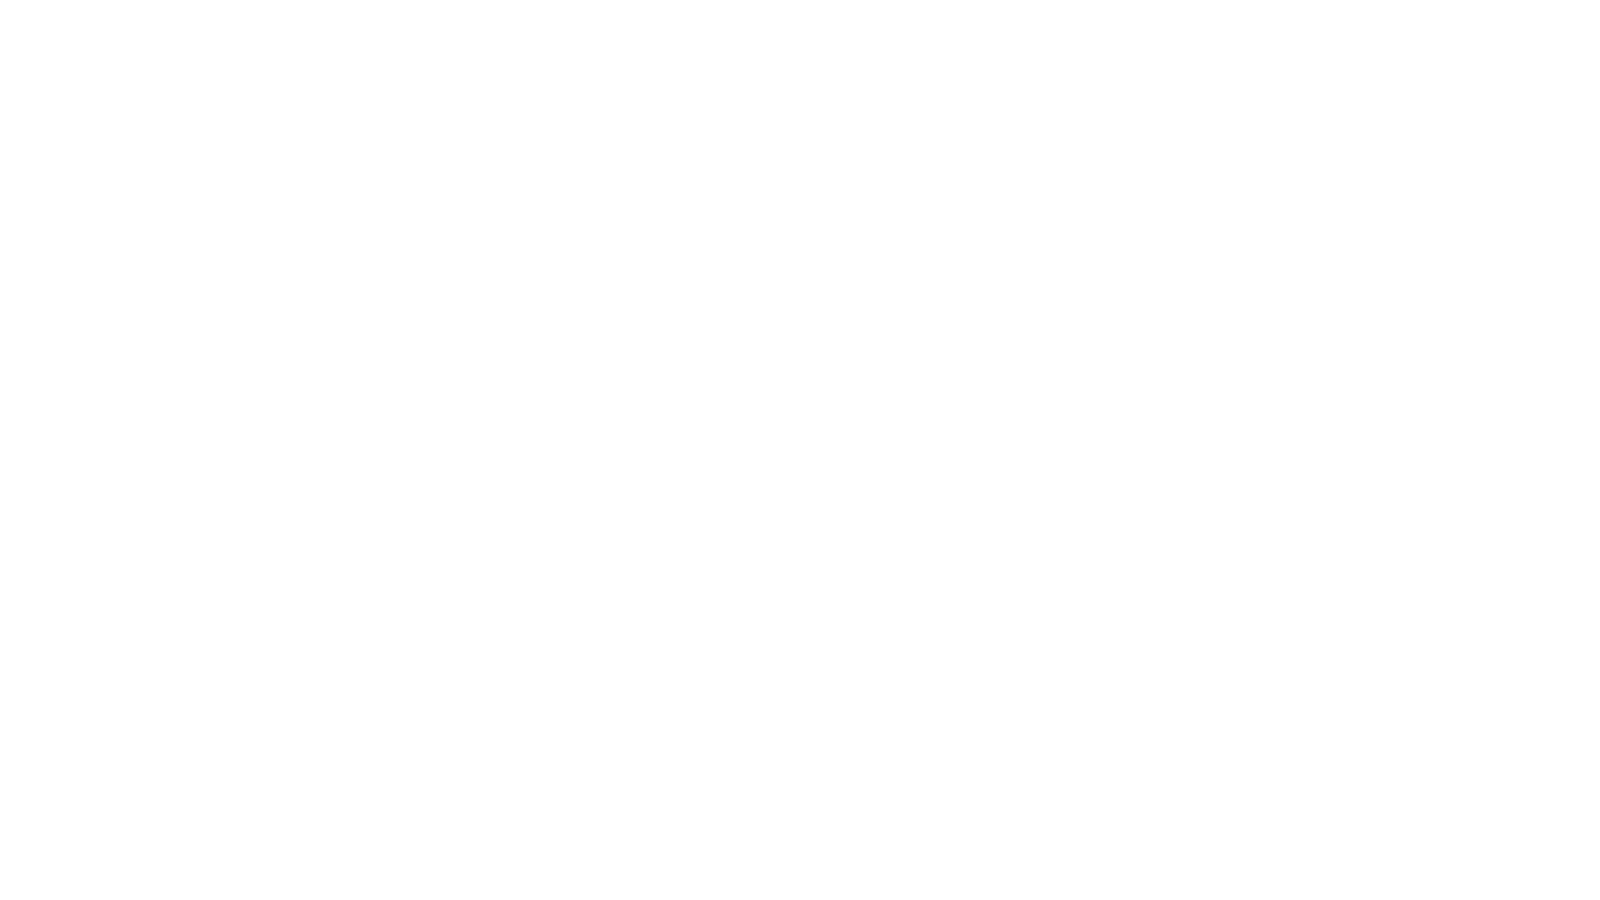 """Ο συγγραφέας Δημήτρης Γκαλών επεξηγεί στο κοινό της εκδήλωσης τα υποβρύχια κινηματογραφικά πλάνα της εταιρείας κινηματογραφήσεων Faos, από το ναυάγιο του θρυλικού υποβρυχίου """"Κατσώνης""""."""